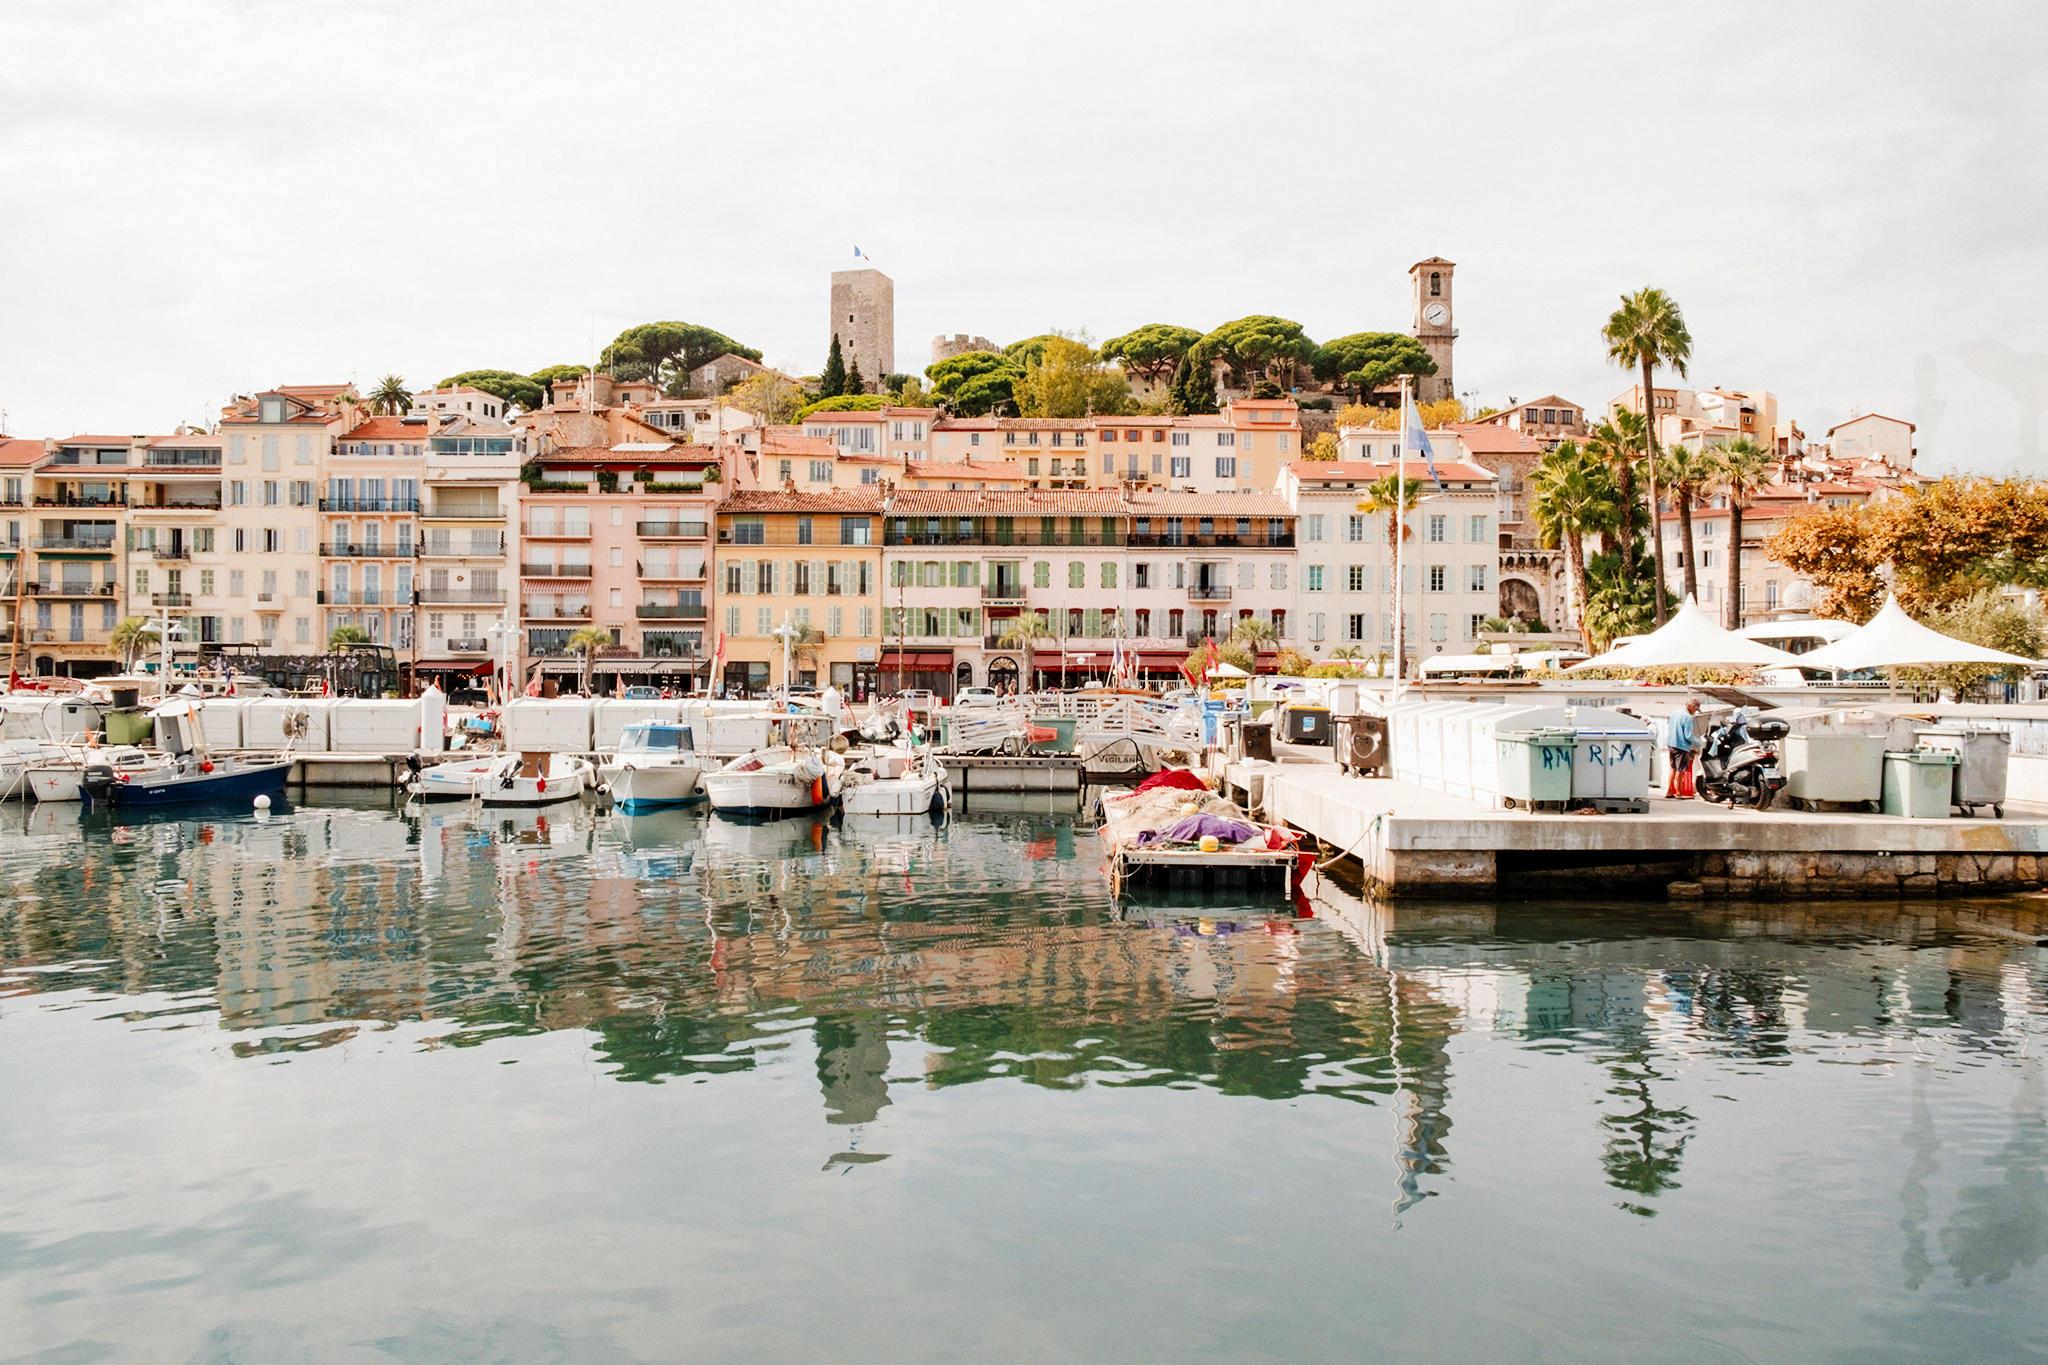 Die Altstadt von Cannes mit dem Kirchturm und dem Hafen